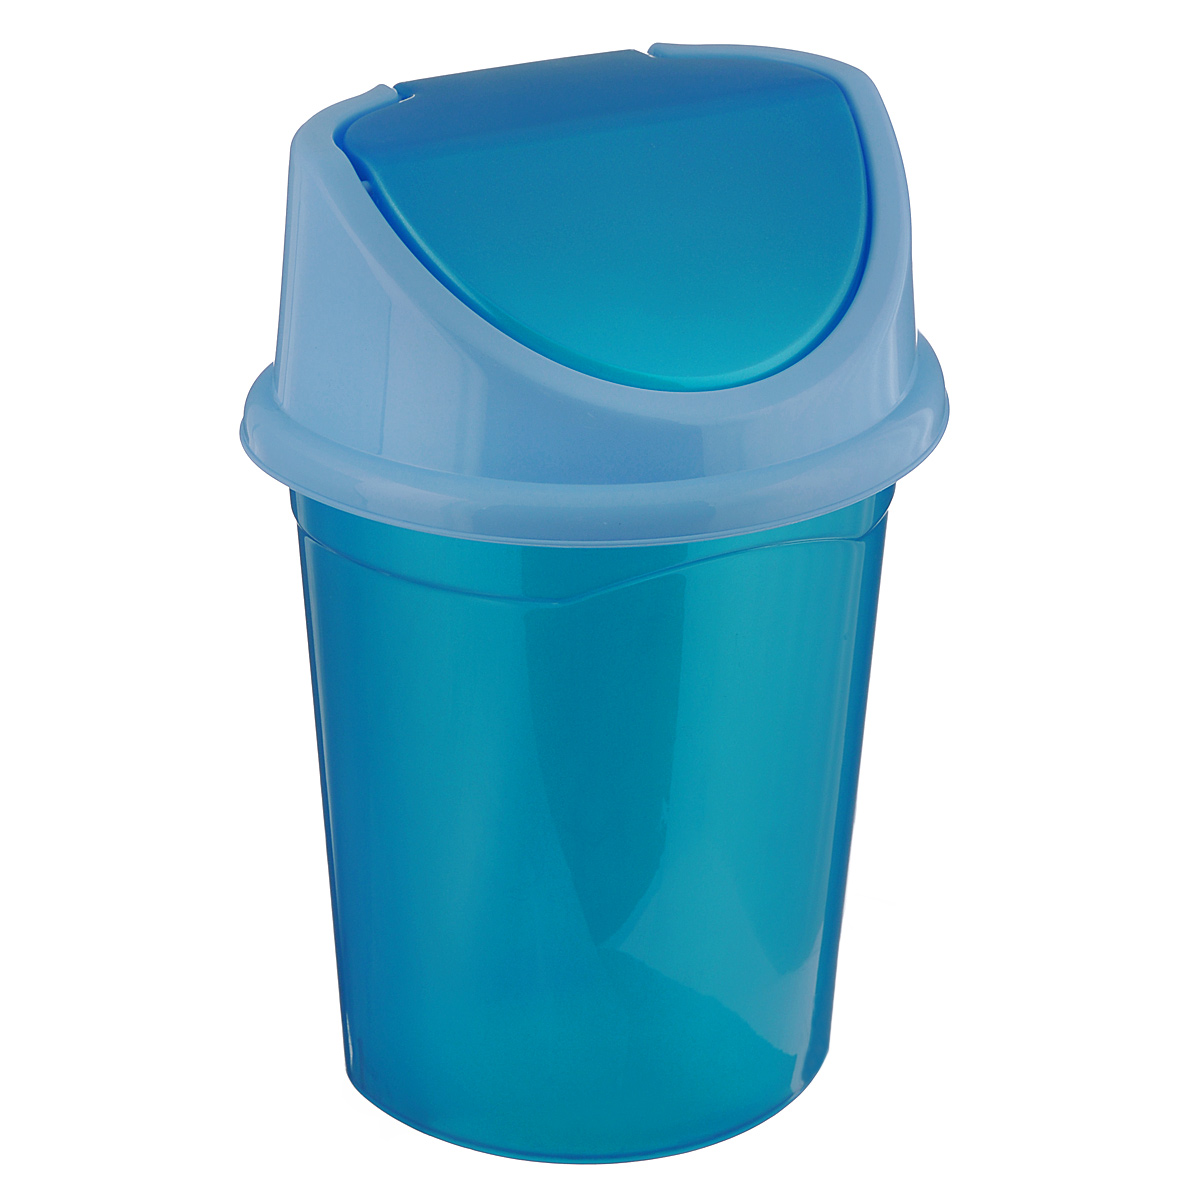 Контейнер для мусора Violet, цвет: бирюзовый, голубой, 14 л810394Контейнер для мусора Violet изготовлен из прочного пластика. Контейнер снабжен удобной съемной крышкой с подвижной перегородкой. В нем удобно хранить мелкий мусор. Благодаря лаконичному дизайну такой контейнер идеально впишется в интерьер и дома, и офиса.Размер изделия: 29 см х 31,5 см х 45 см.